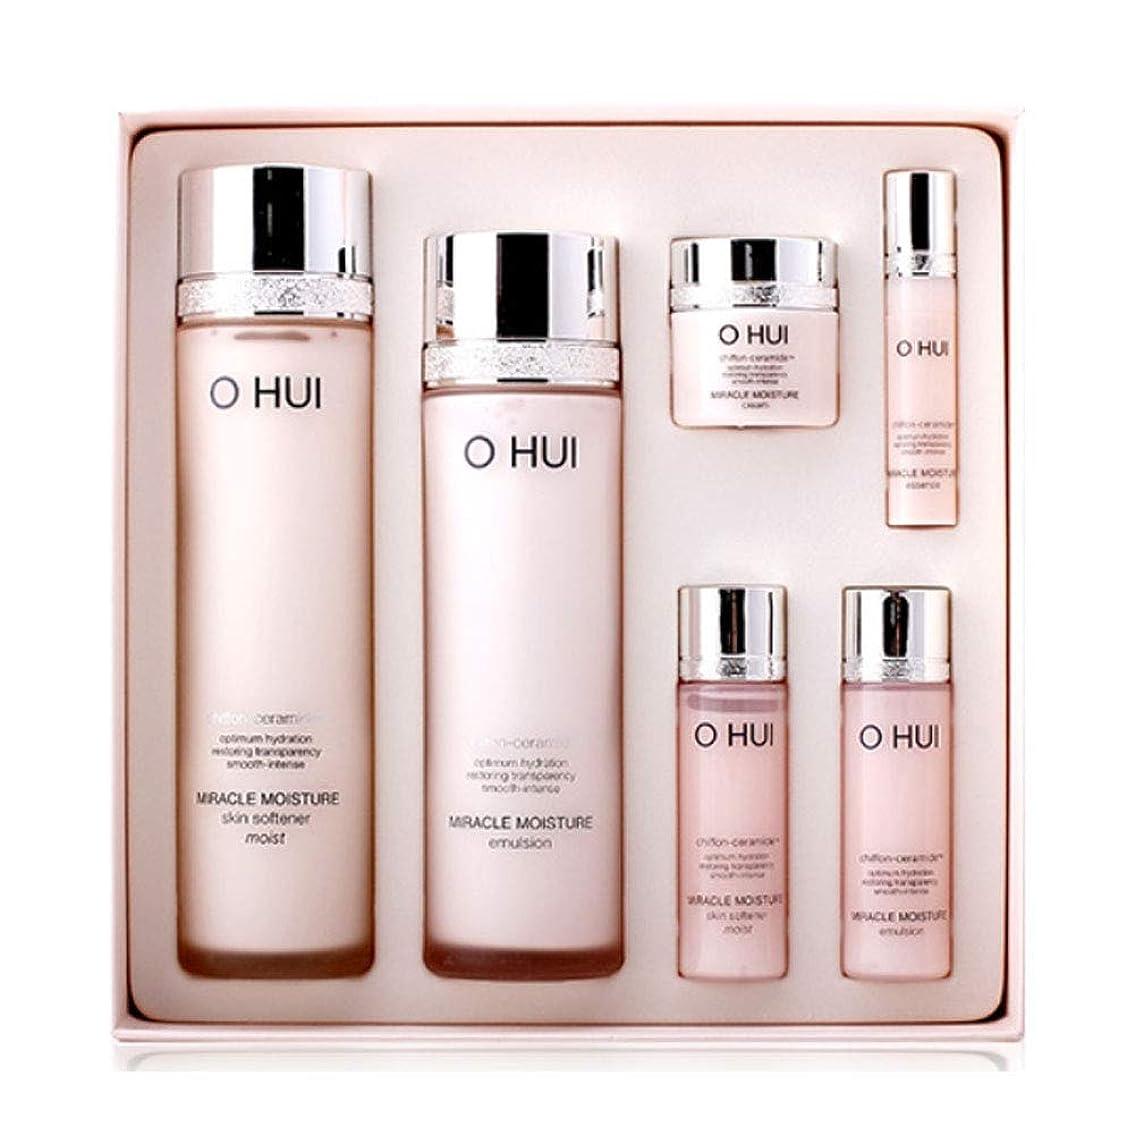 ジョグ作曲家タンクオフィミラクルモイスチャースキンソフナーエマルジョンセット韓国コスメ、O Hui Miracle Moisture Skin Softener Emulsion Set Korean Cosmetics [並行輸入品]